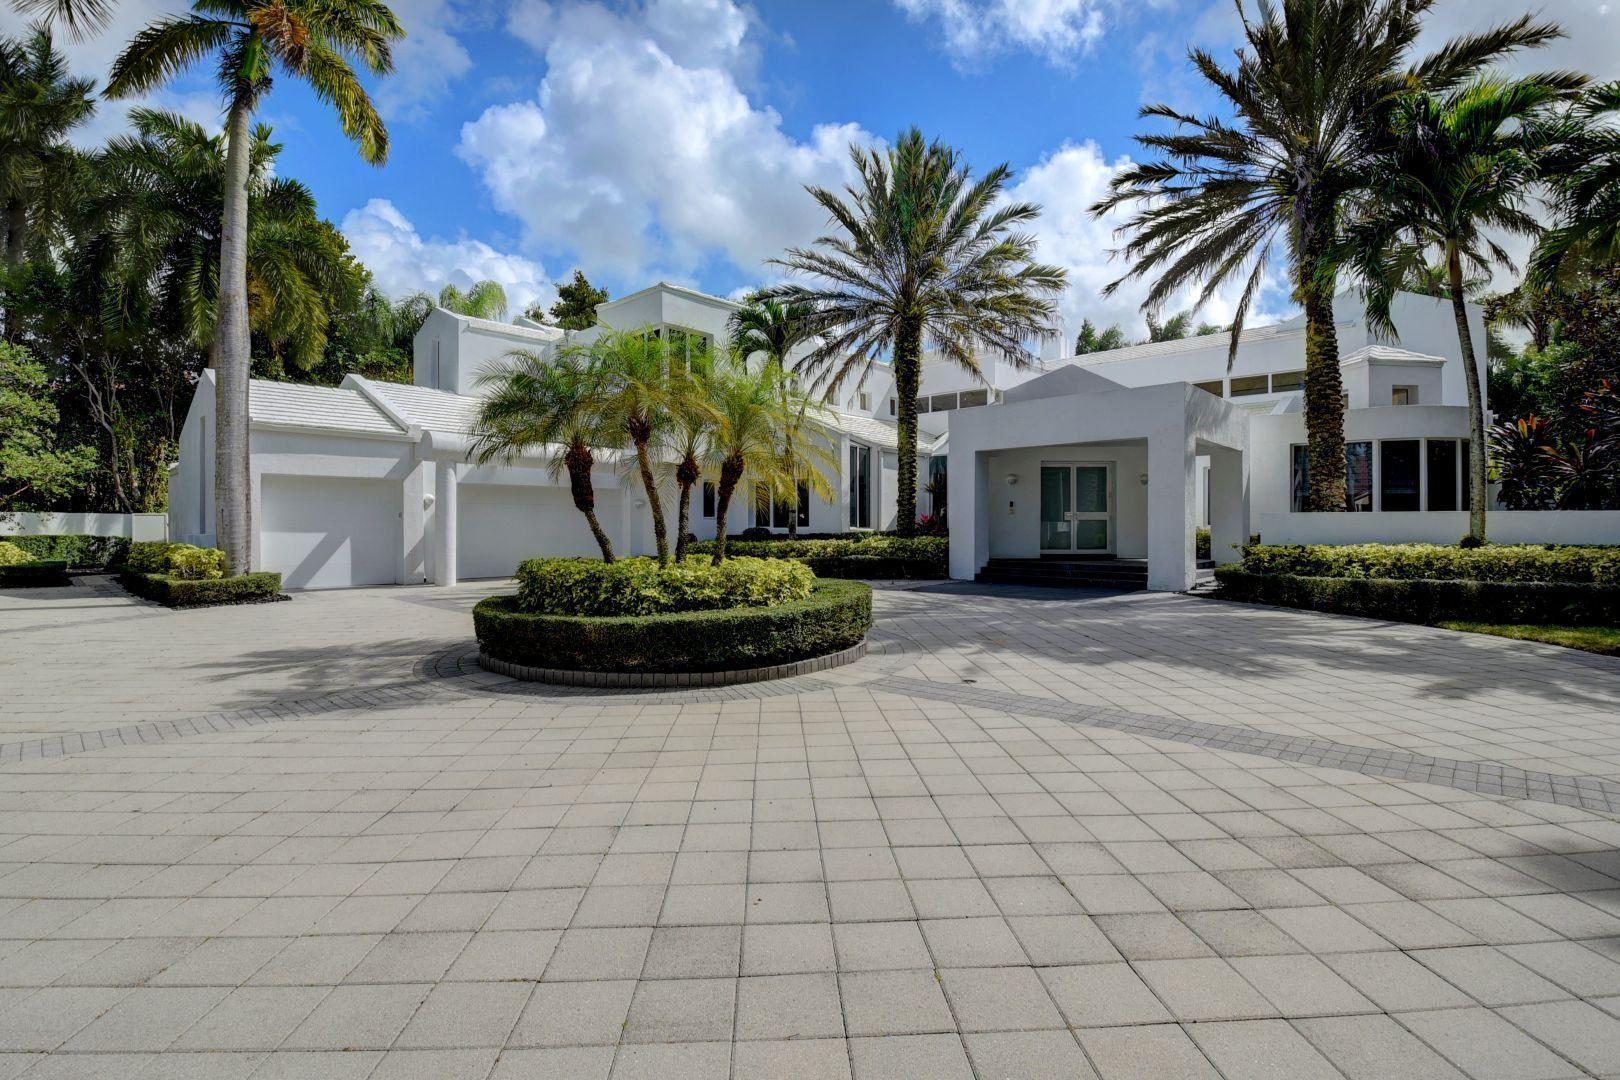 3656 Princeton Place, Boca Raton, FL 33496 - #: RX-10601115